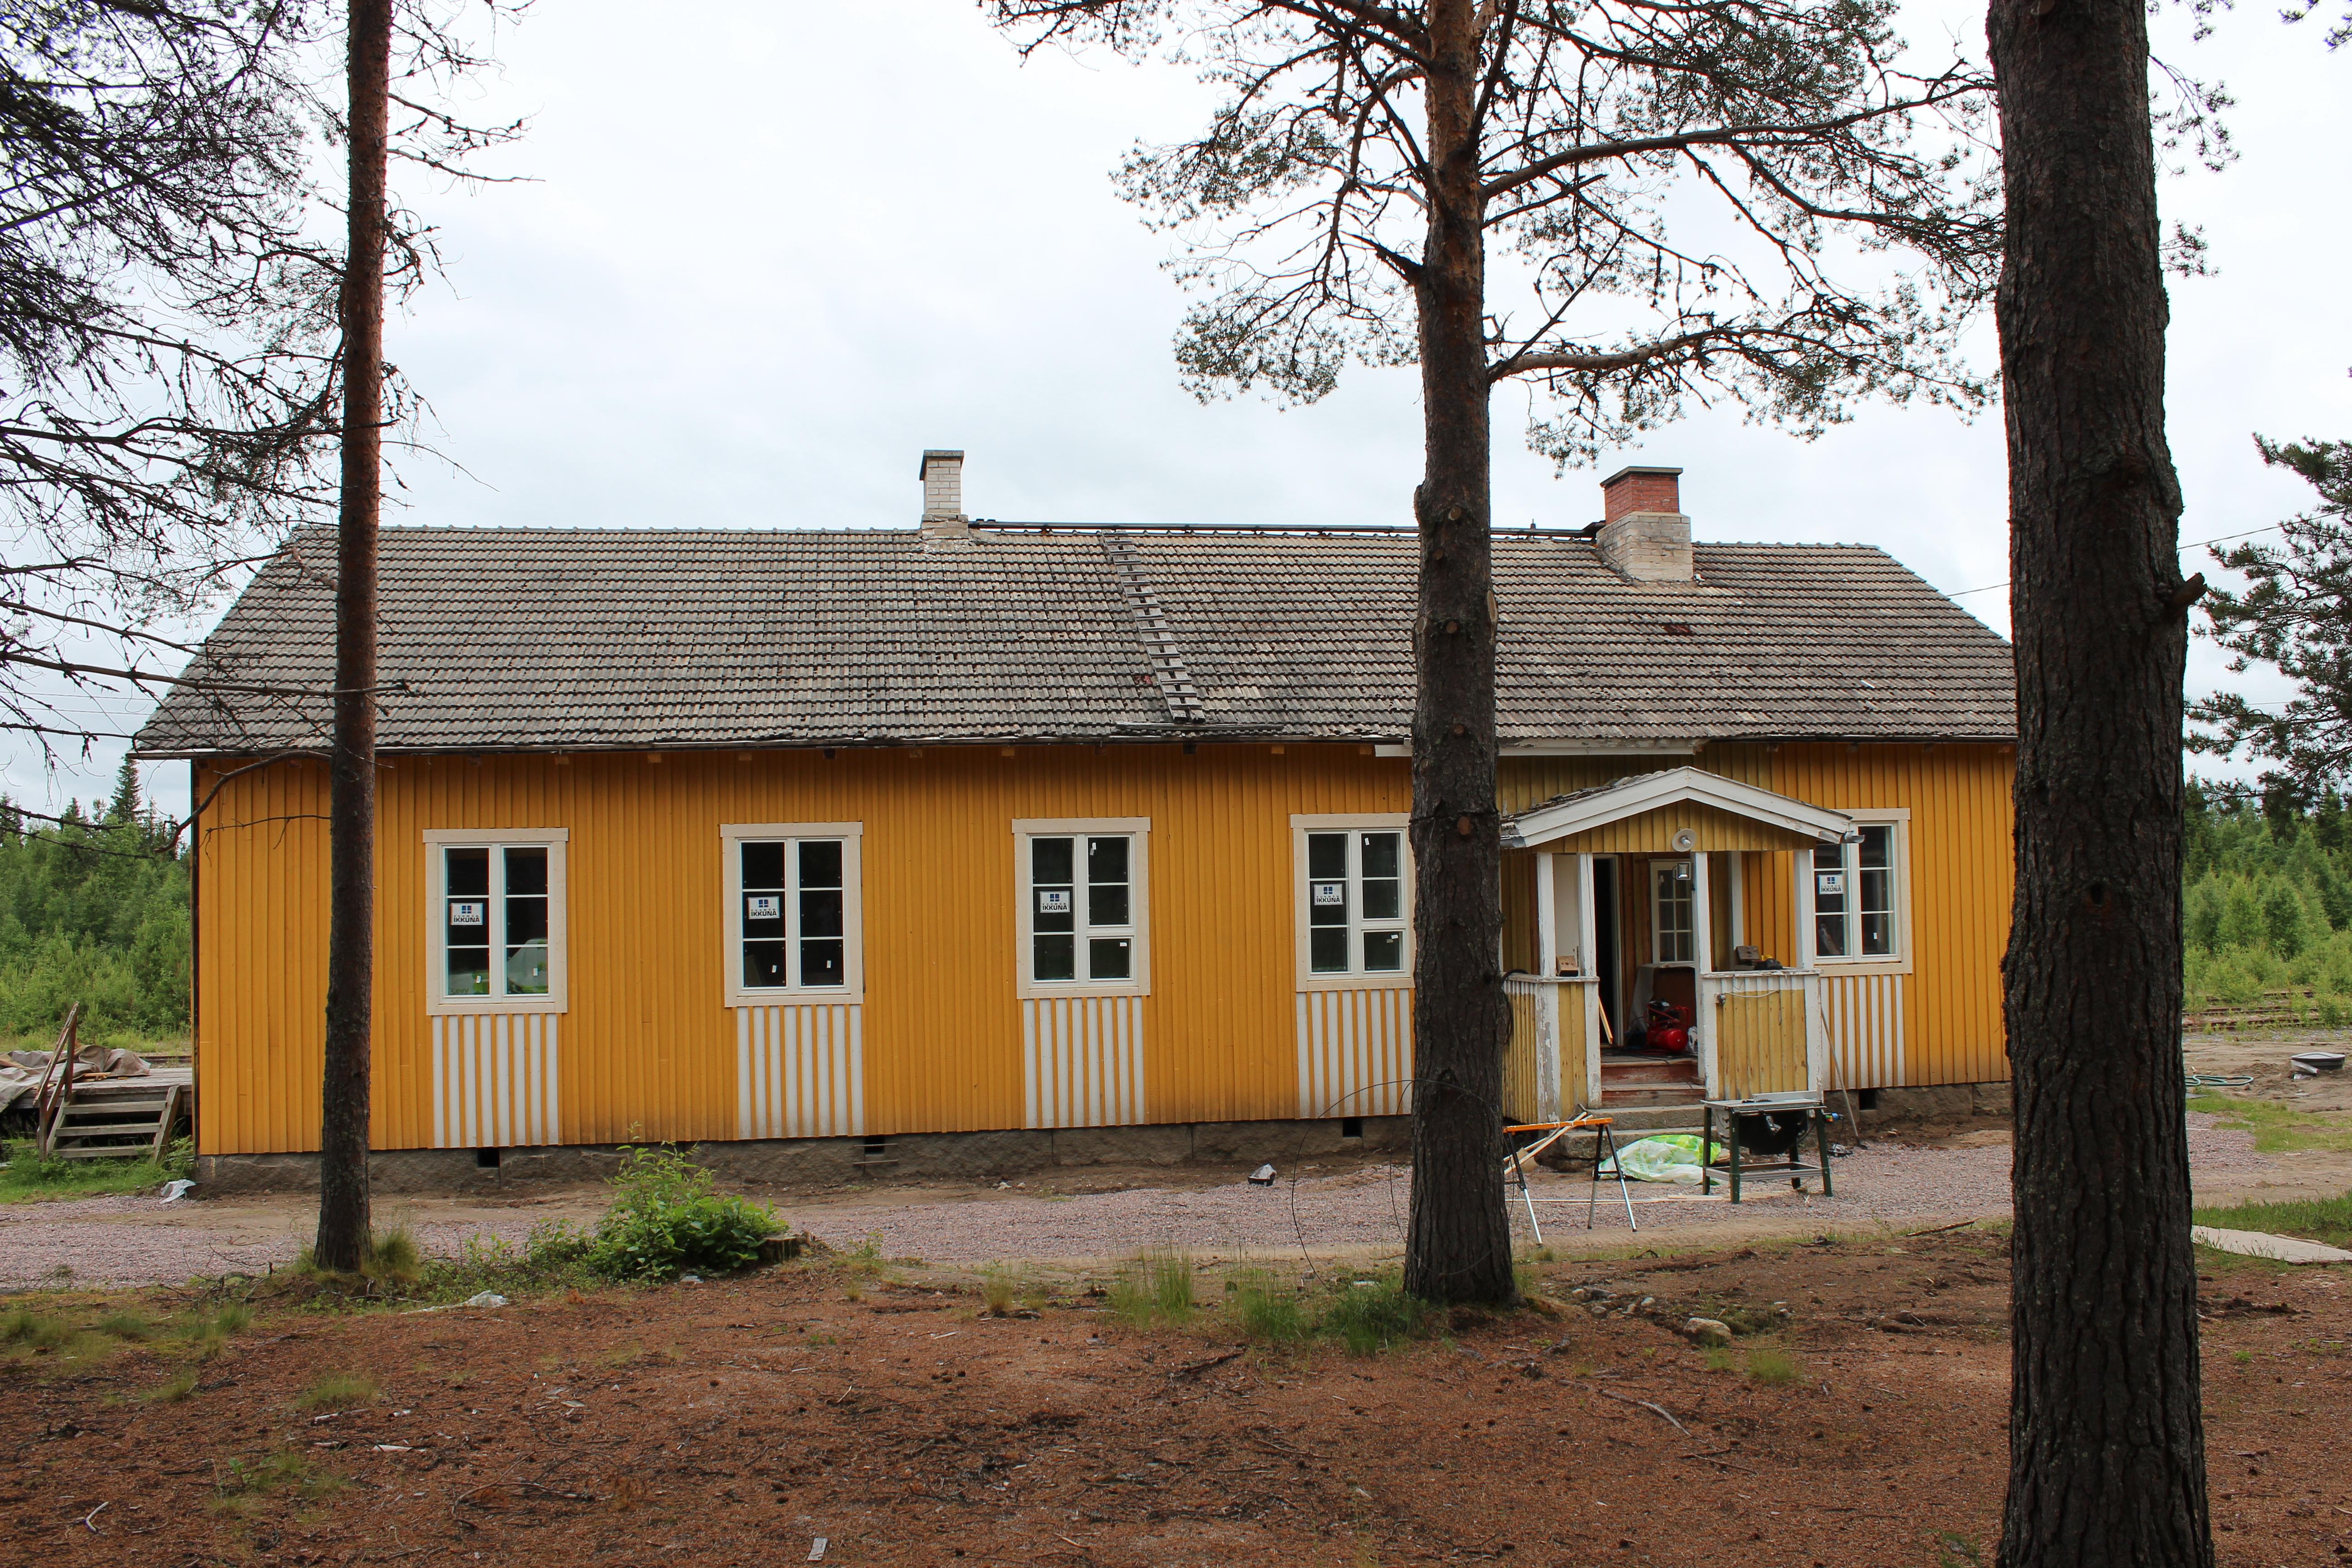 Joutsijärven vanhaa asemaa remontoidaan kylätaloksi.